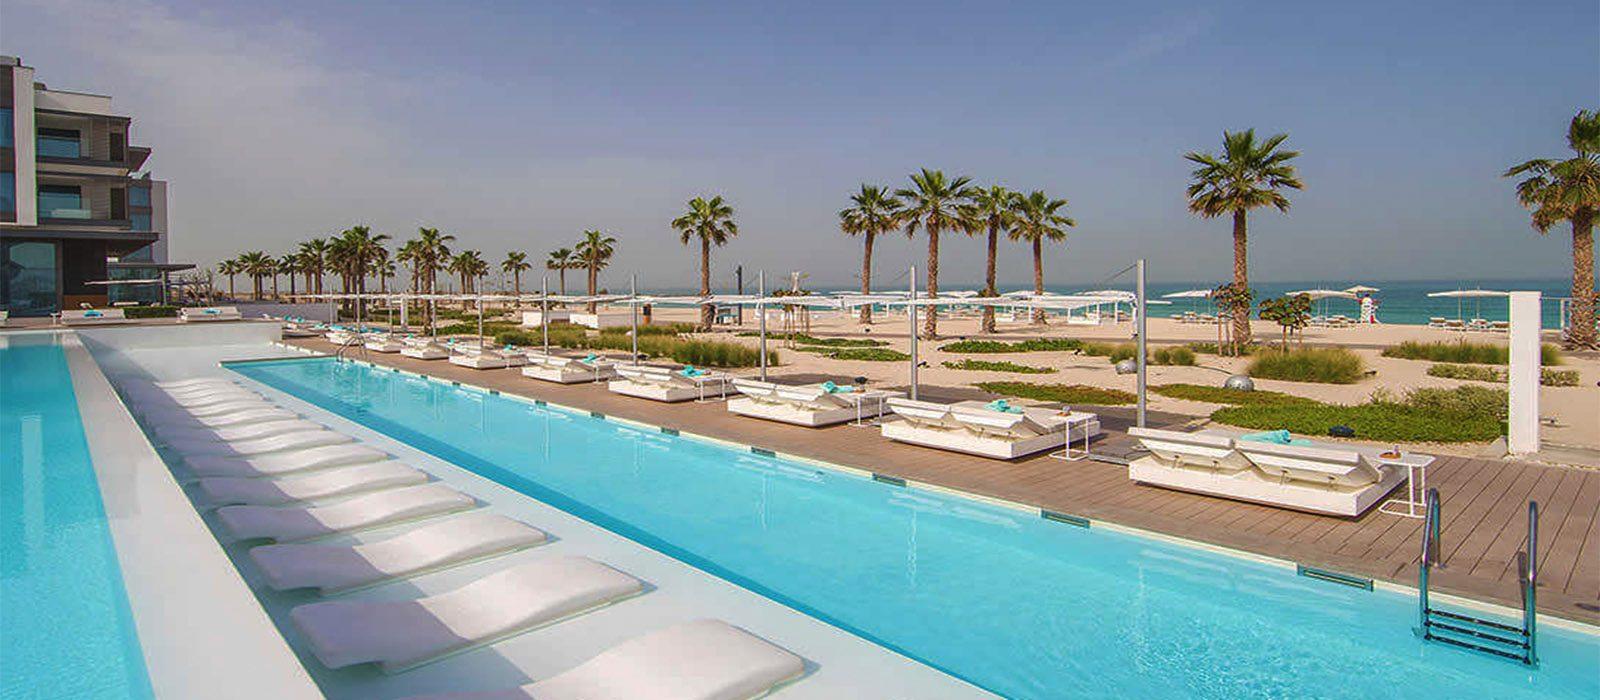 Nikki Beach Resort And Spa Luxury Dubai Honeymoon Packages Header